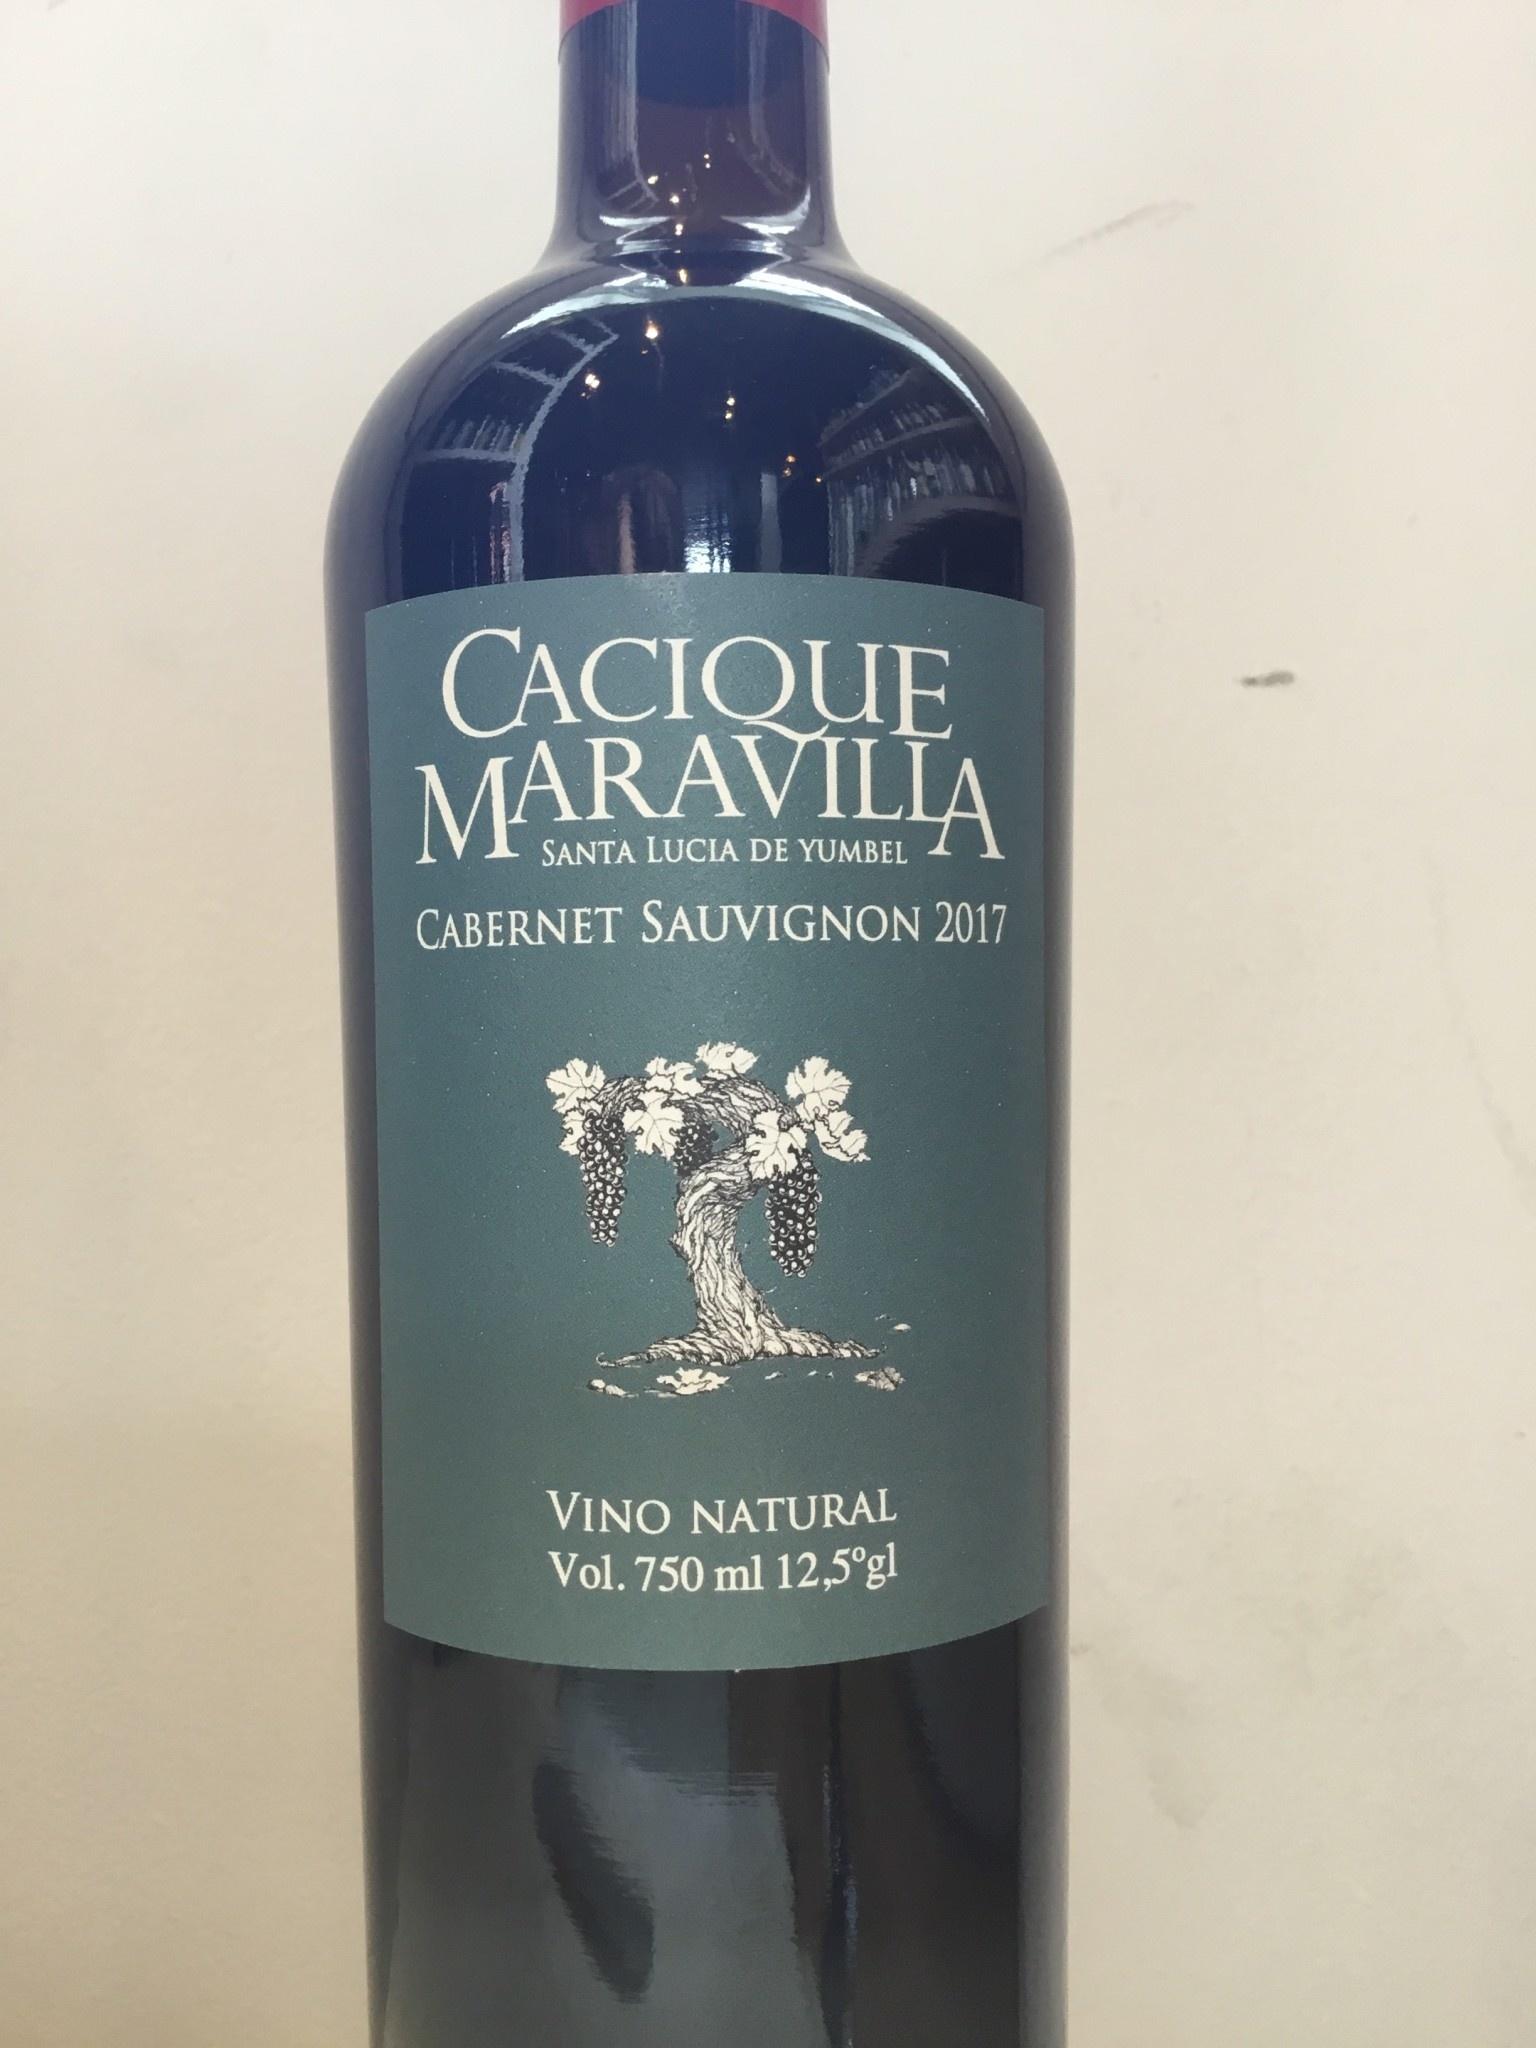 2017 Cacique Maravilla Cabernet Sauvignon, 750ml